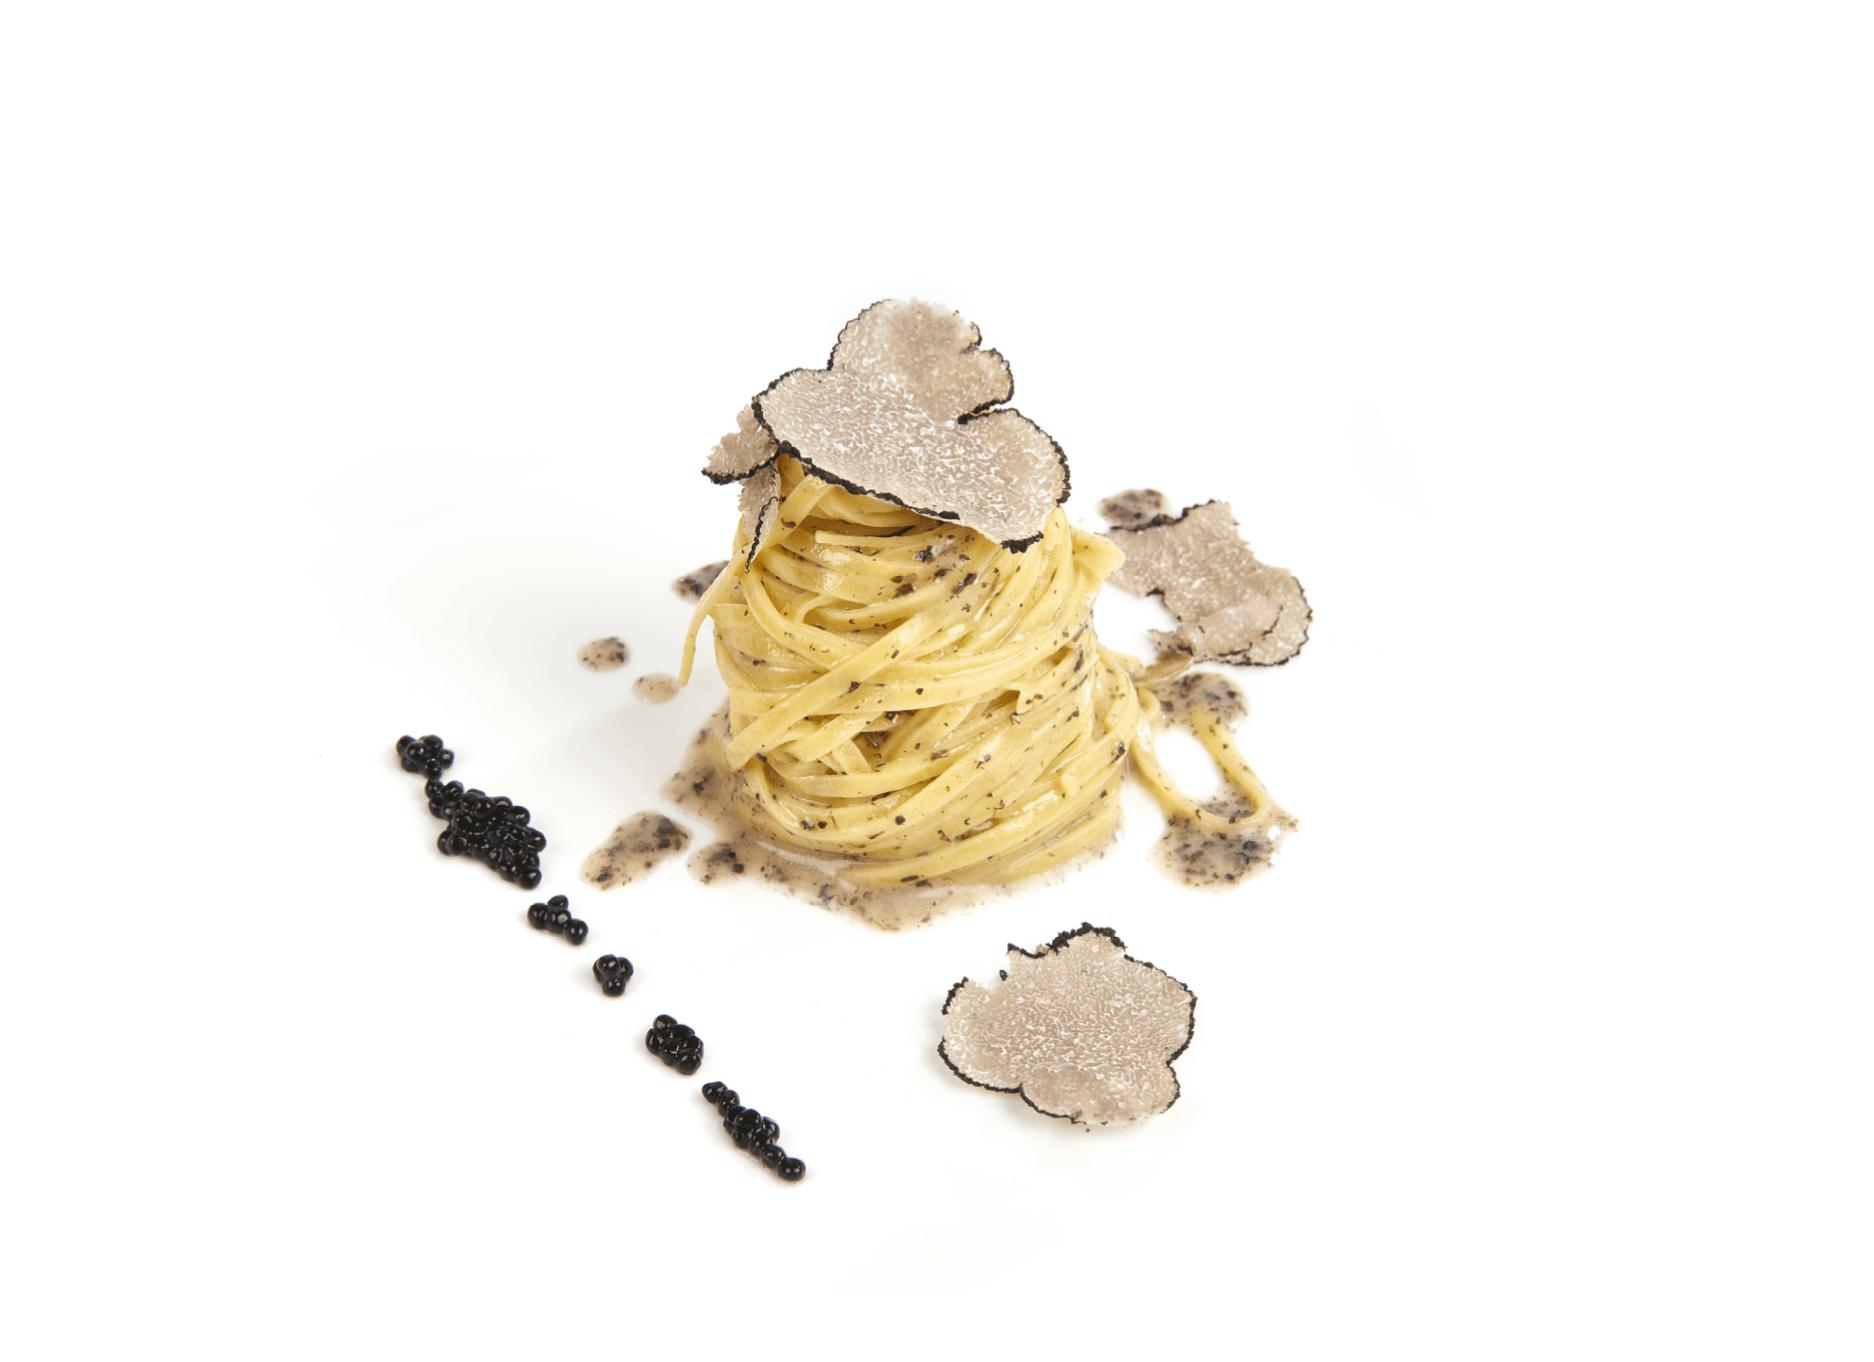 Campofilone black truffle tagliolono and black truffle sauce recipe -Le Gourmet Central